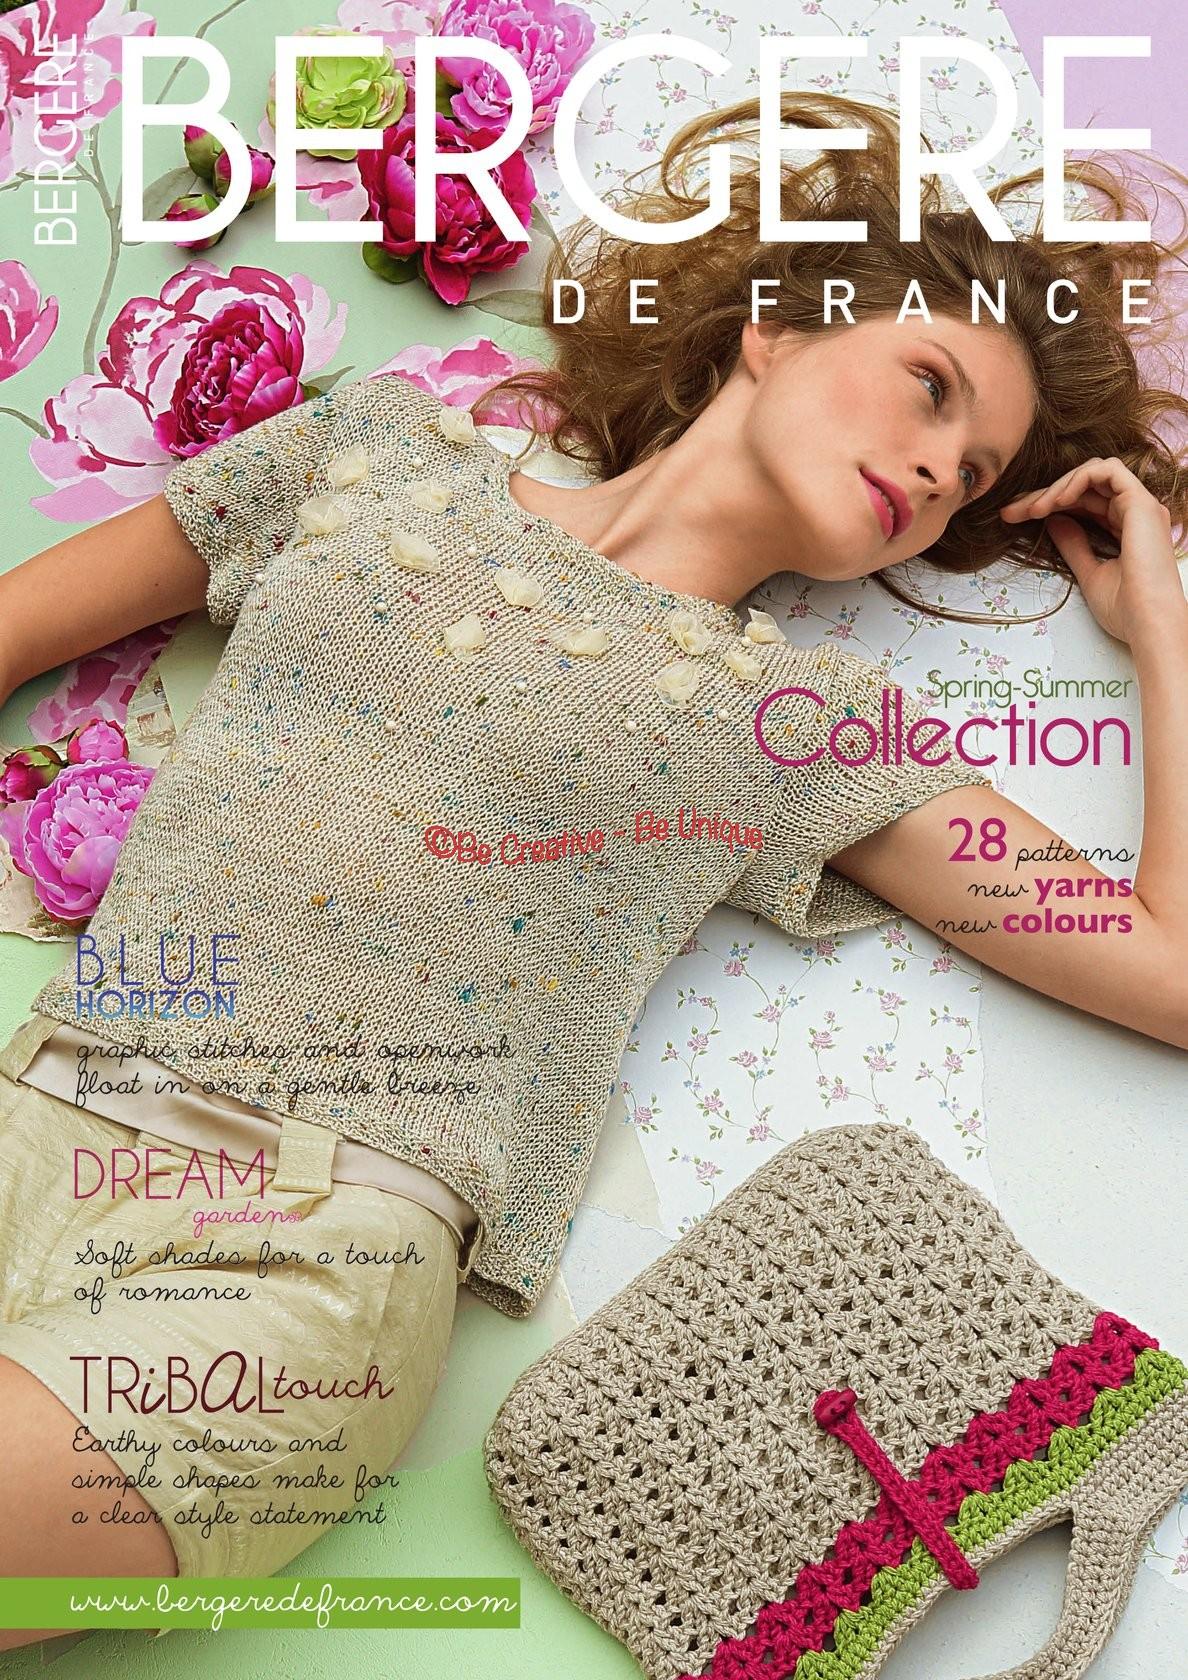 Bergere de France - Mag 172 - Spring/Summer Women's